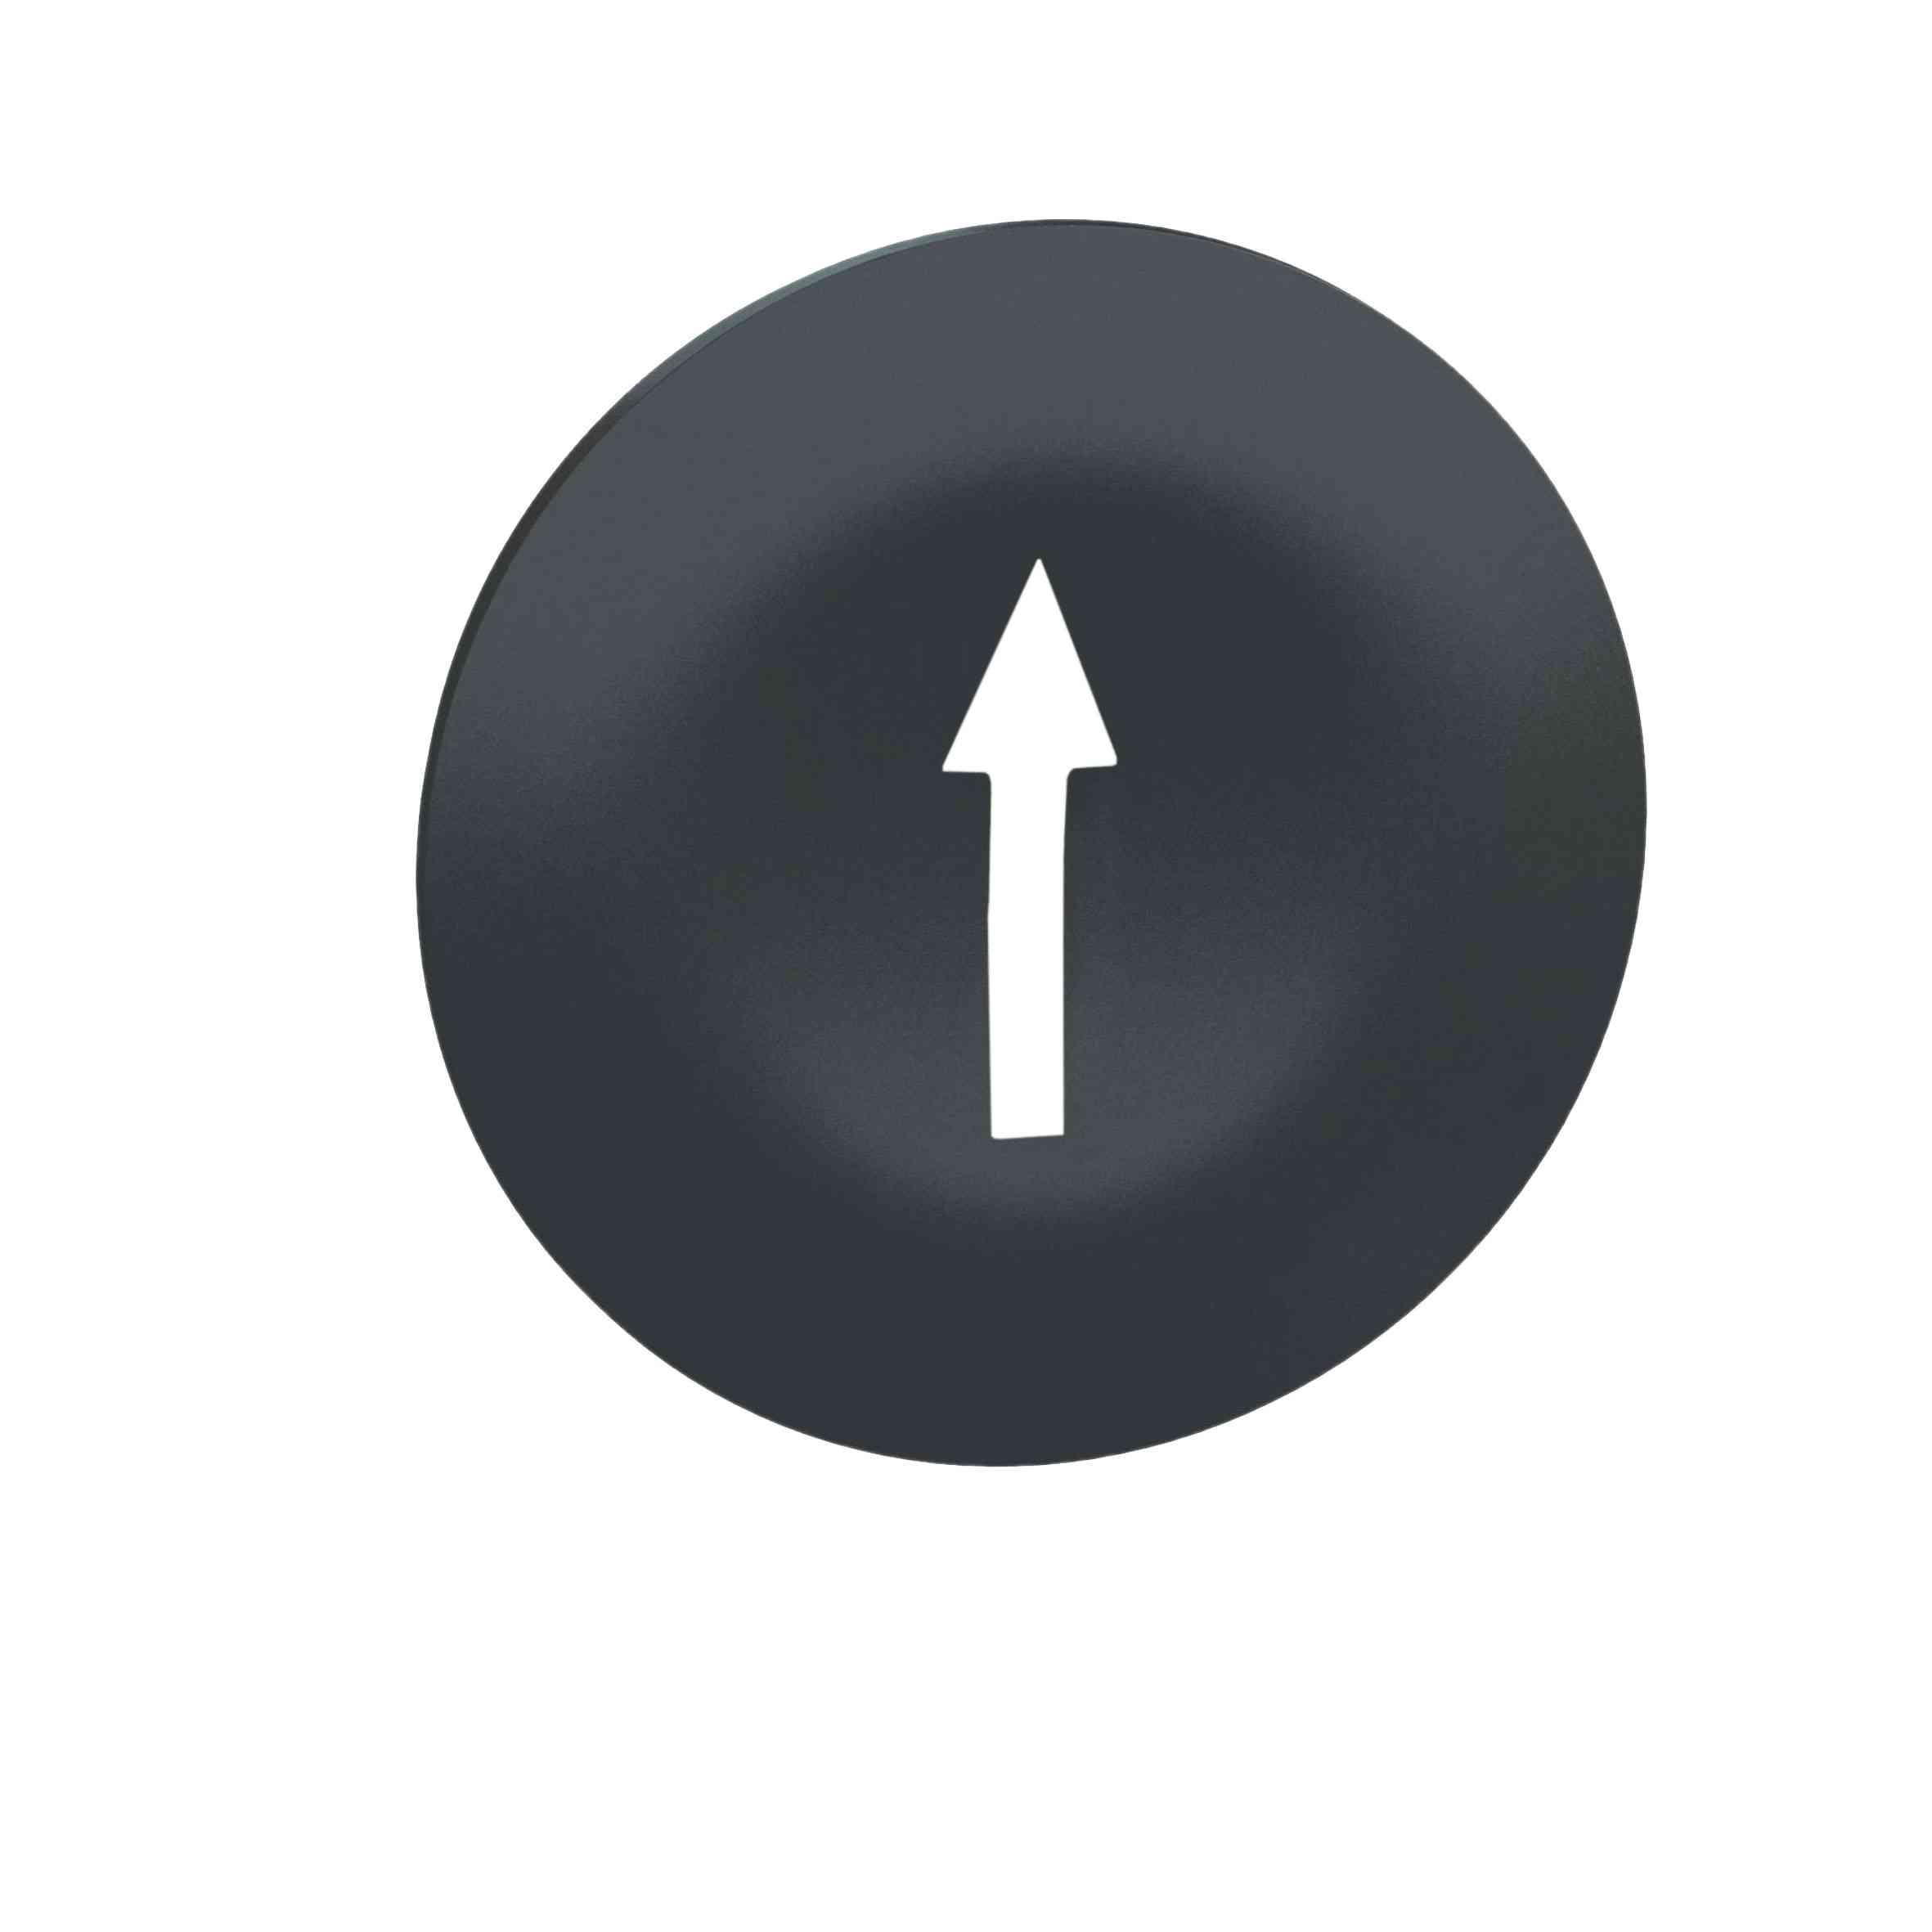 Črn pokrov z oznako puščice za pravokotno tipko z več glavami Ø 22